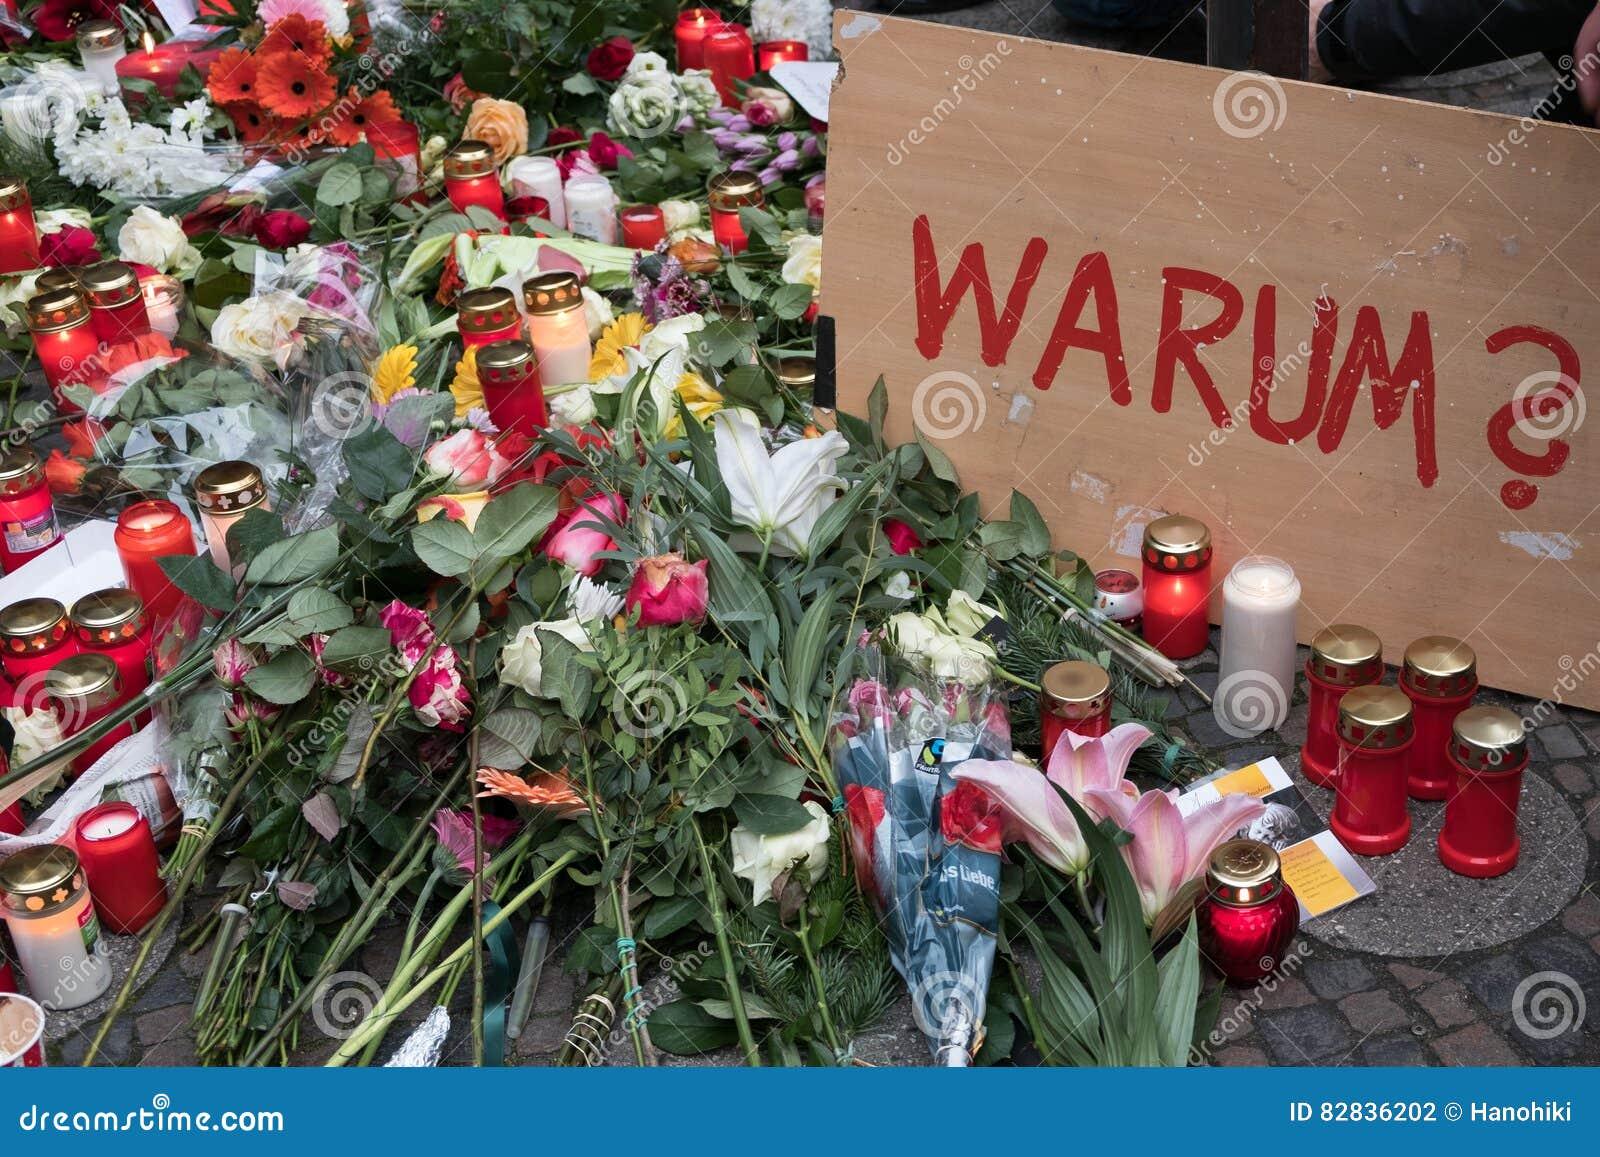 Η αγορά Χριστουγέννων στο Βερολίνο, η ημέρα μετά από μια αγέλη φορτηγών σε ένα πλήθος των ανθρώπων